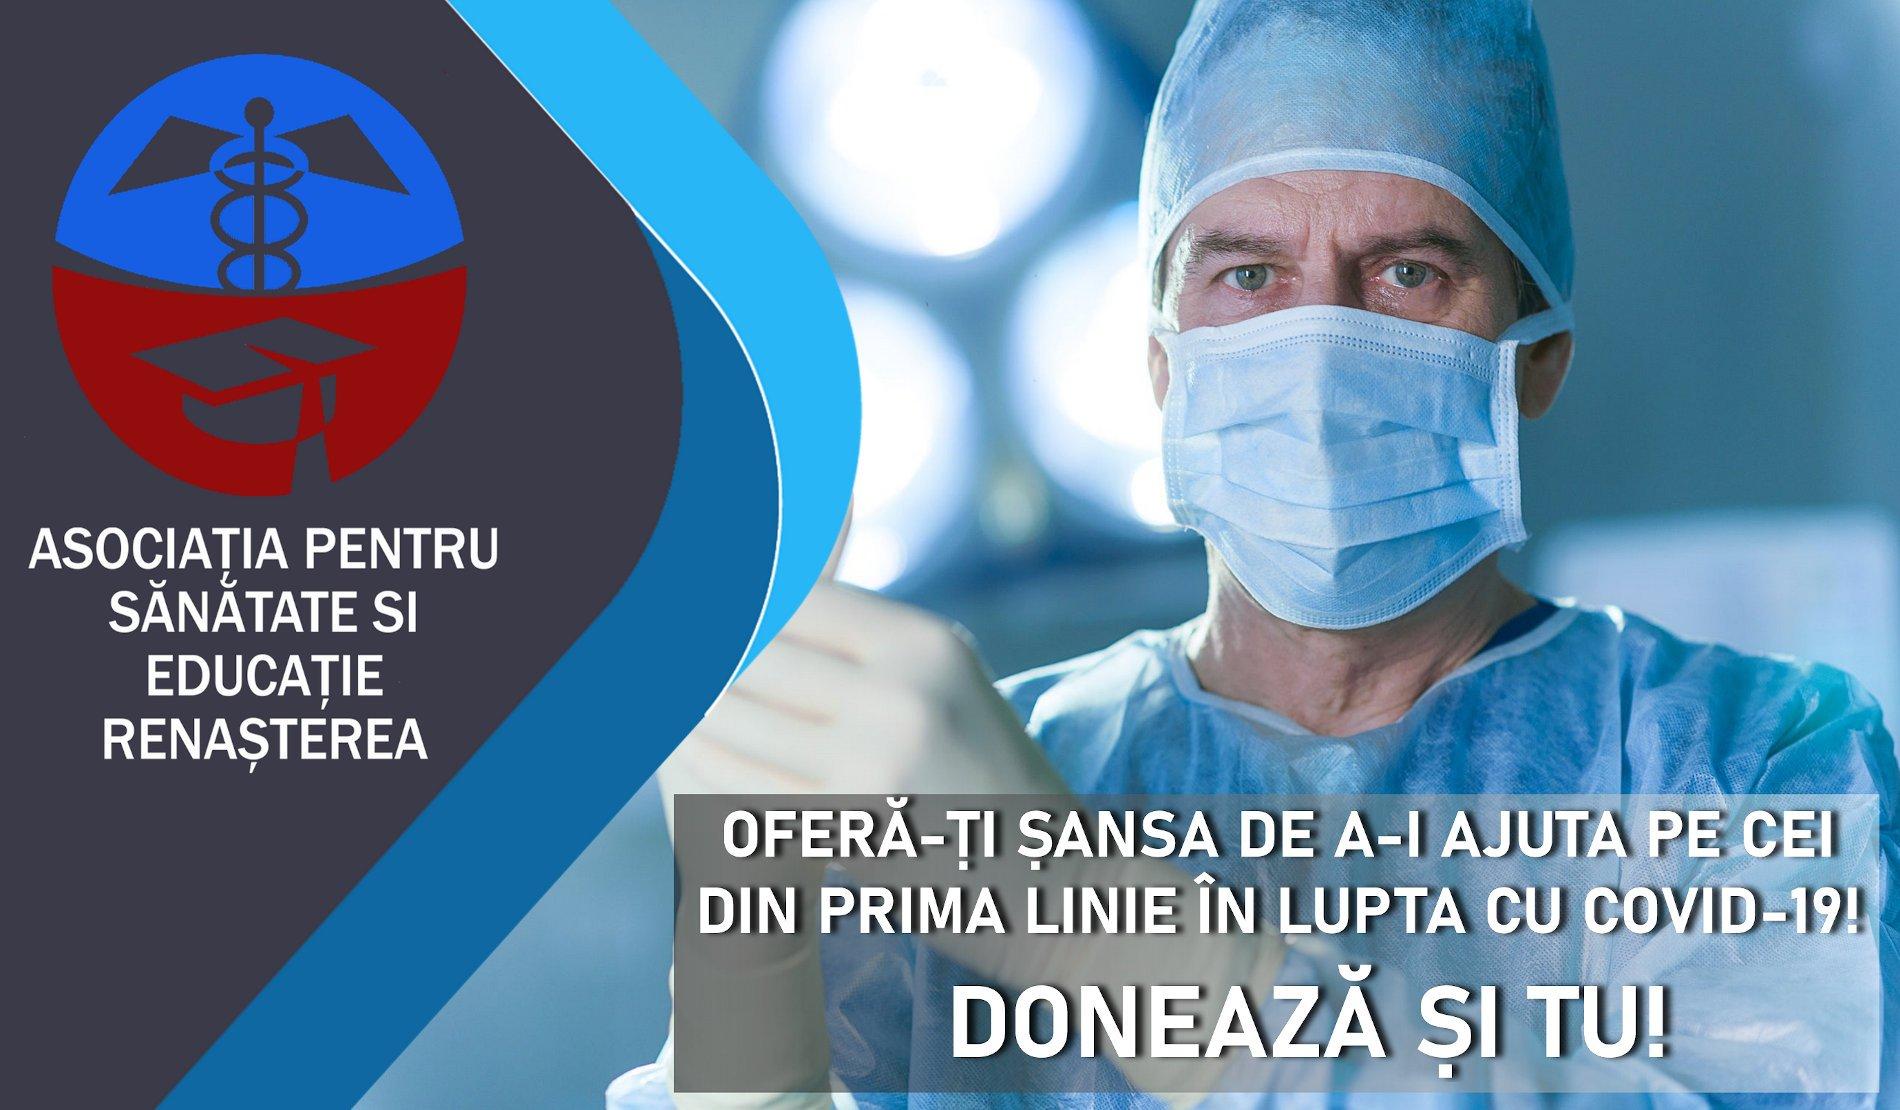 """Senatorul Dan Manoliu: """"Am hotărât și eu să donez jumătate din indemnizația mea pentru susținerea sistemului de sănătate din România"""""""